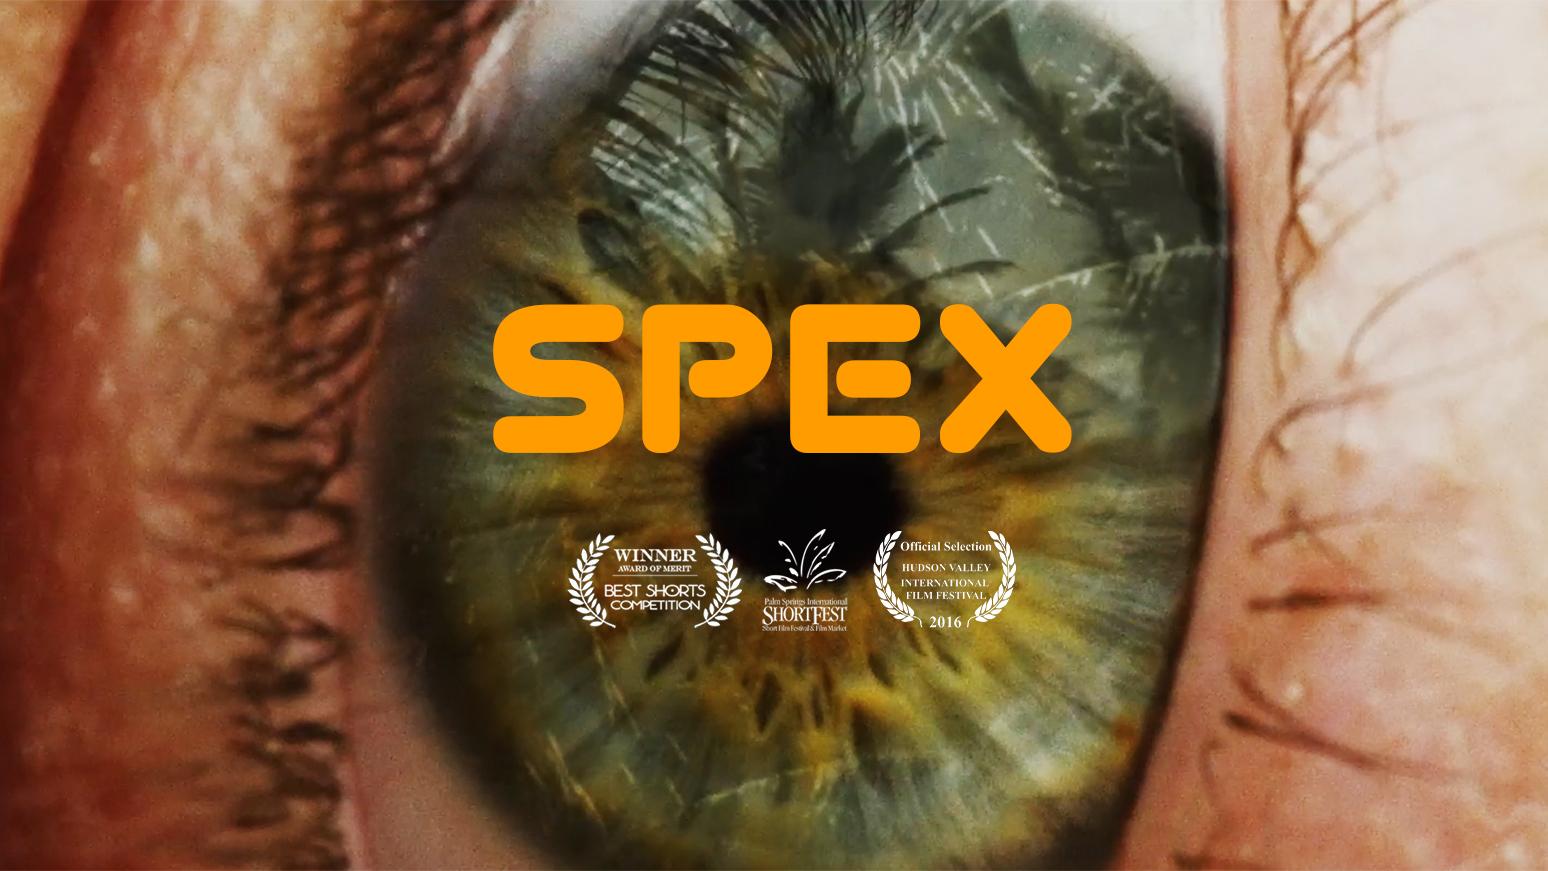 Spex (2015) - Short Film